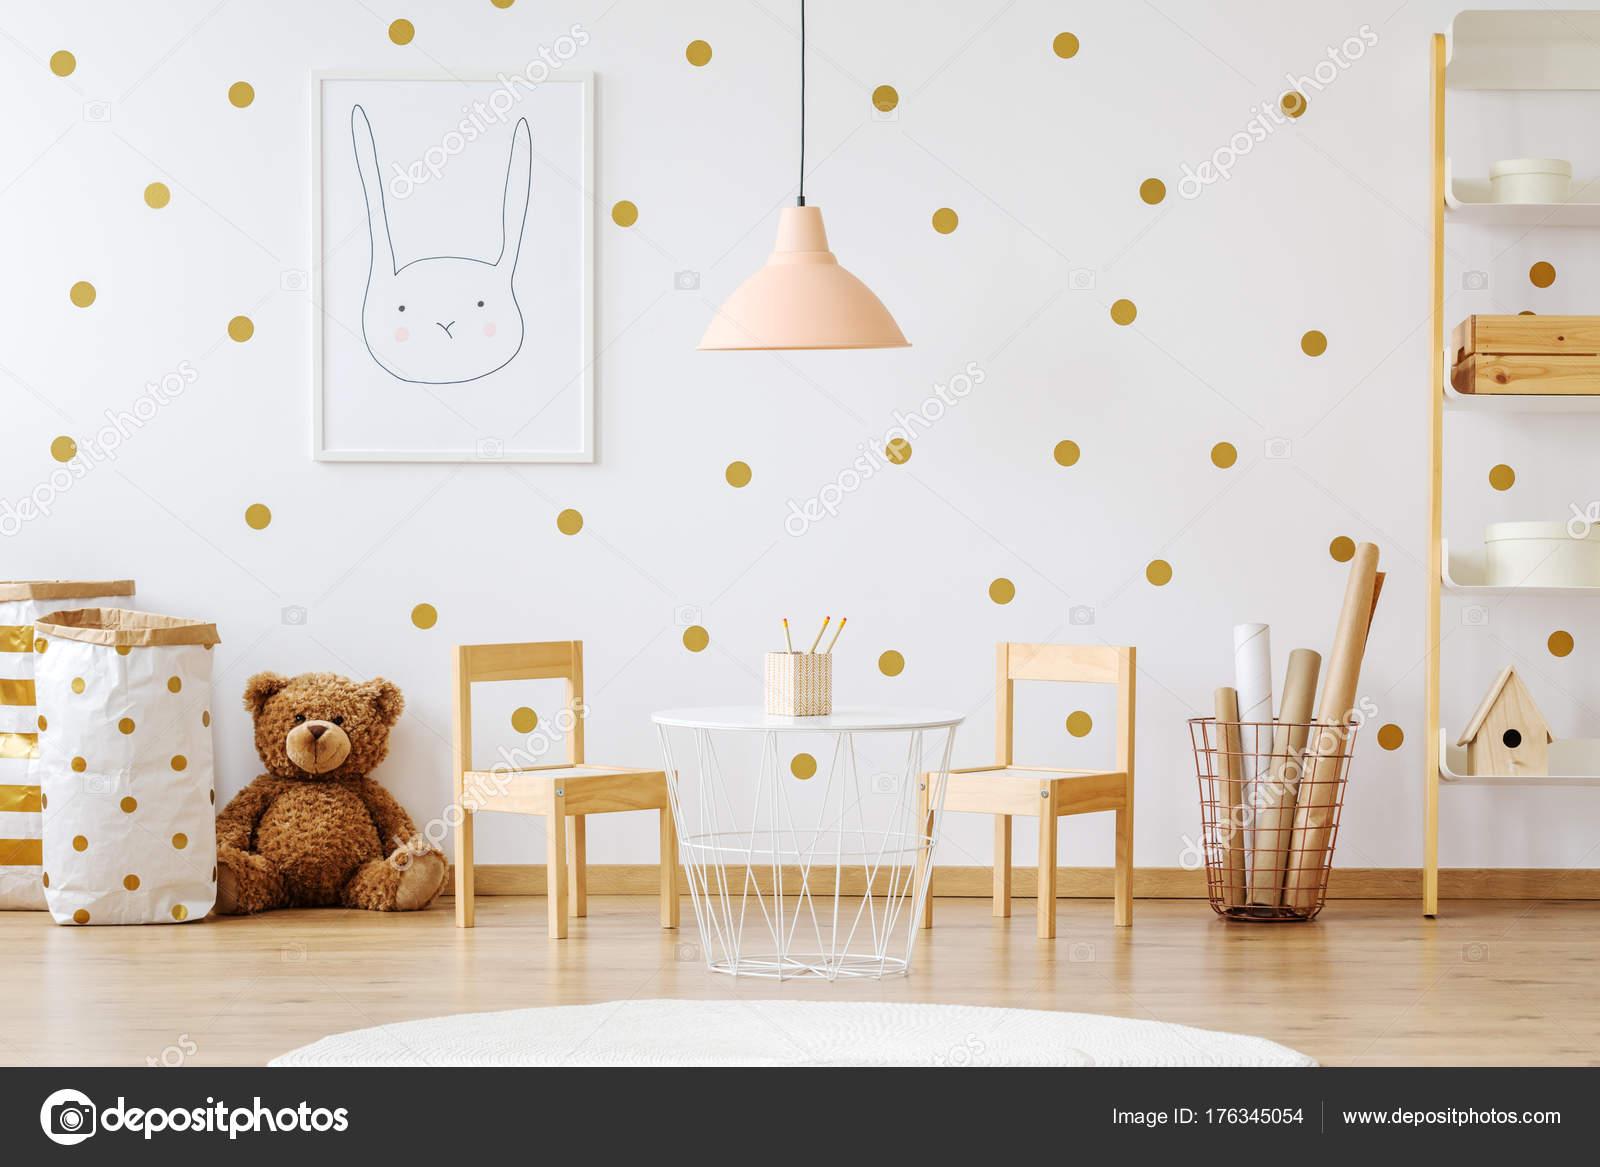 Lamp Kinderkamer Design : Teddy bear in kinderkamer u2014 stockfoto © photographee.eu #176345054